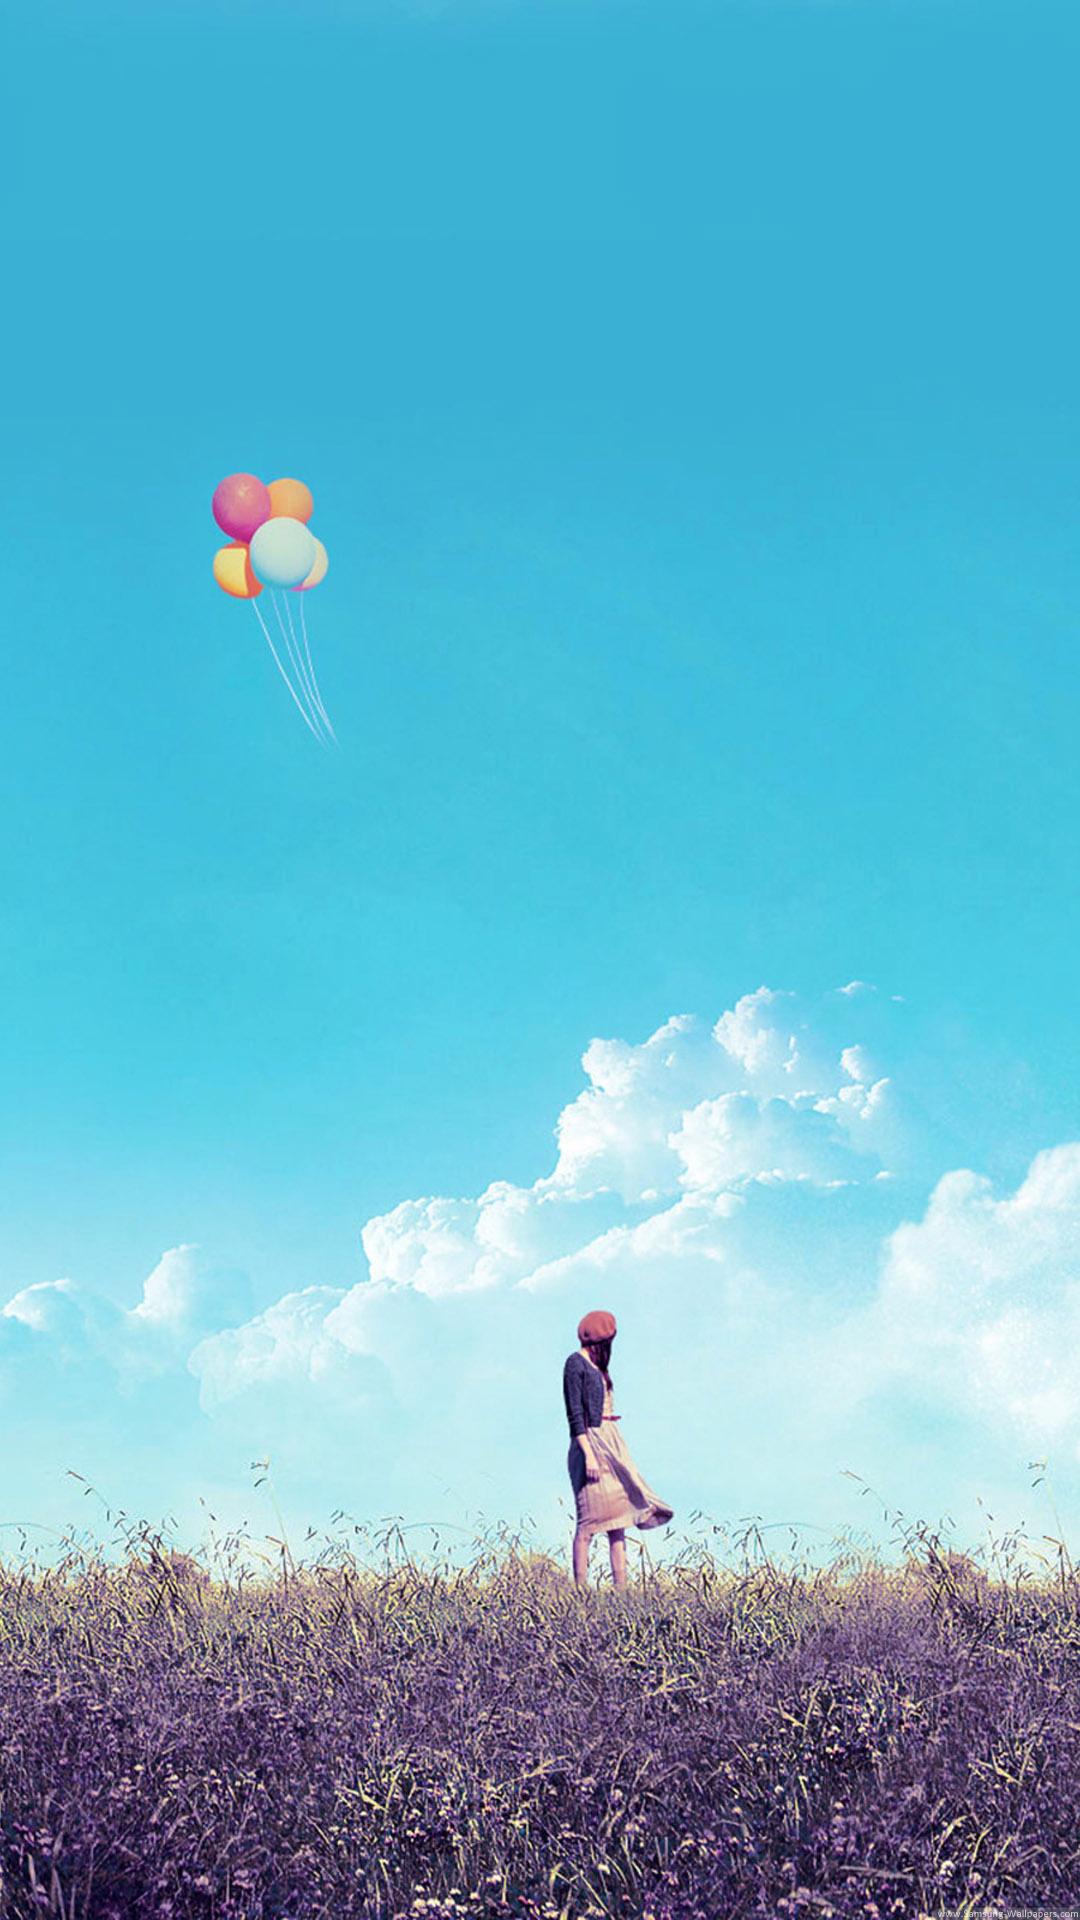 女の子フィールド飛行風船iphone 8 Plus Android壁紙 Iphoneチーズ